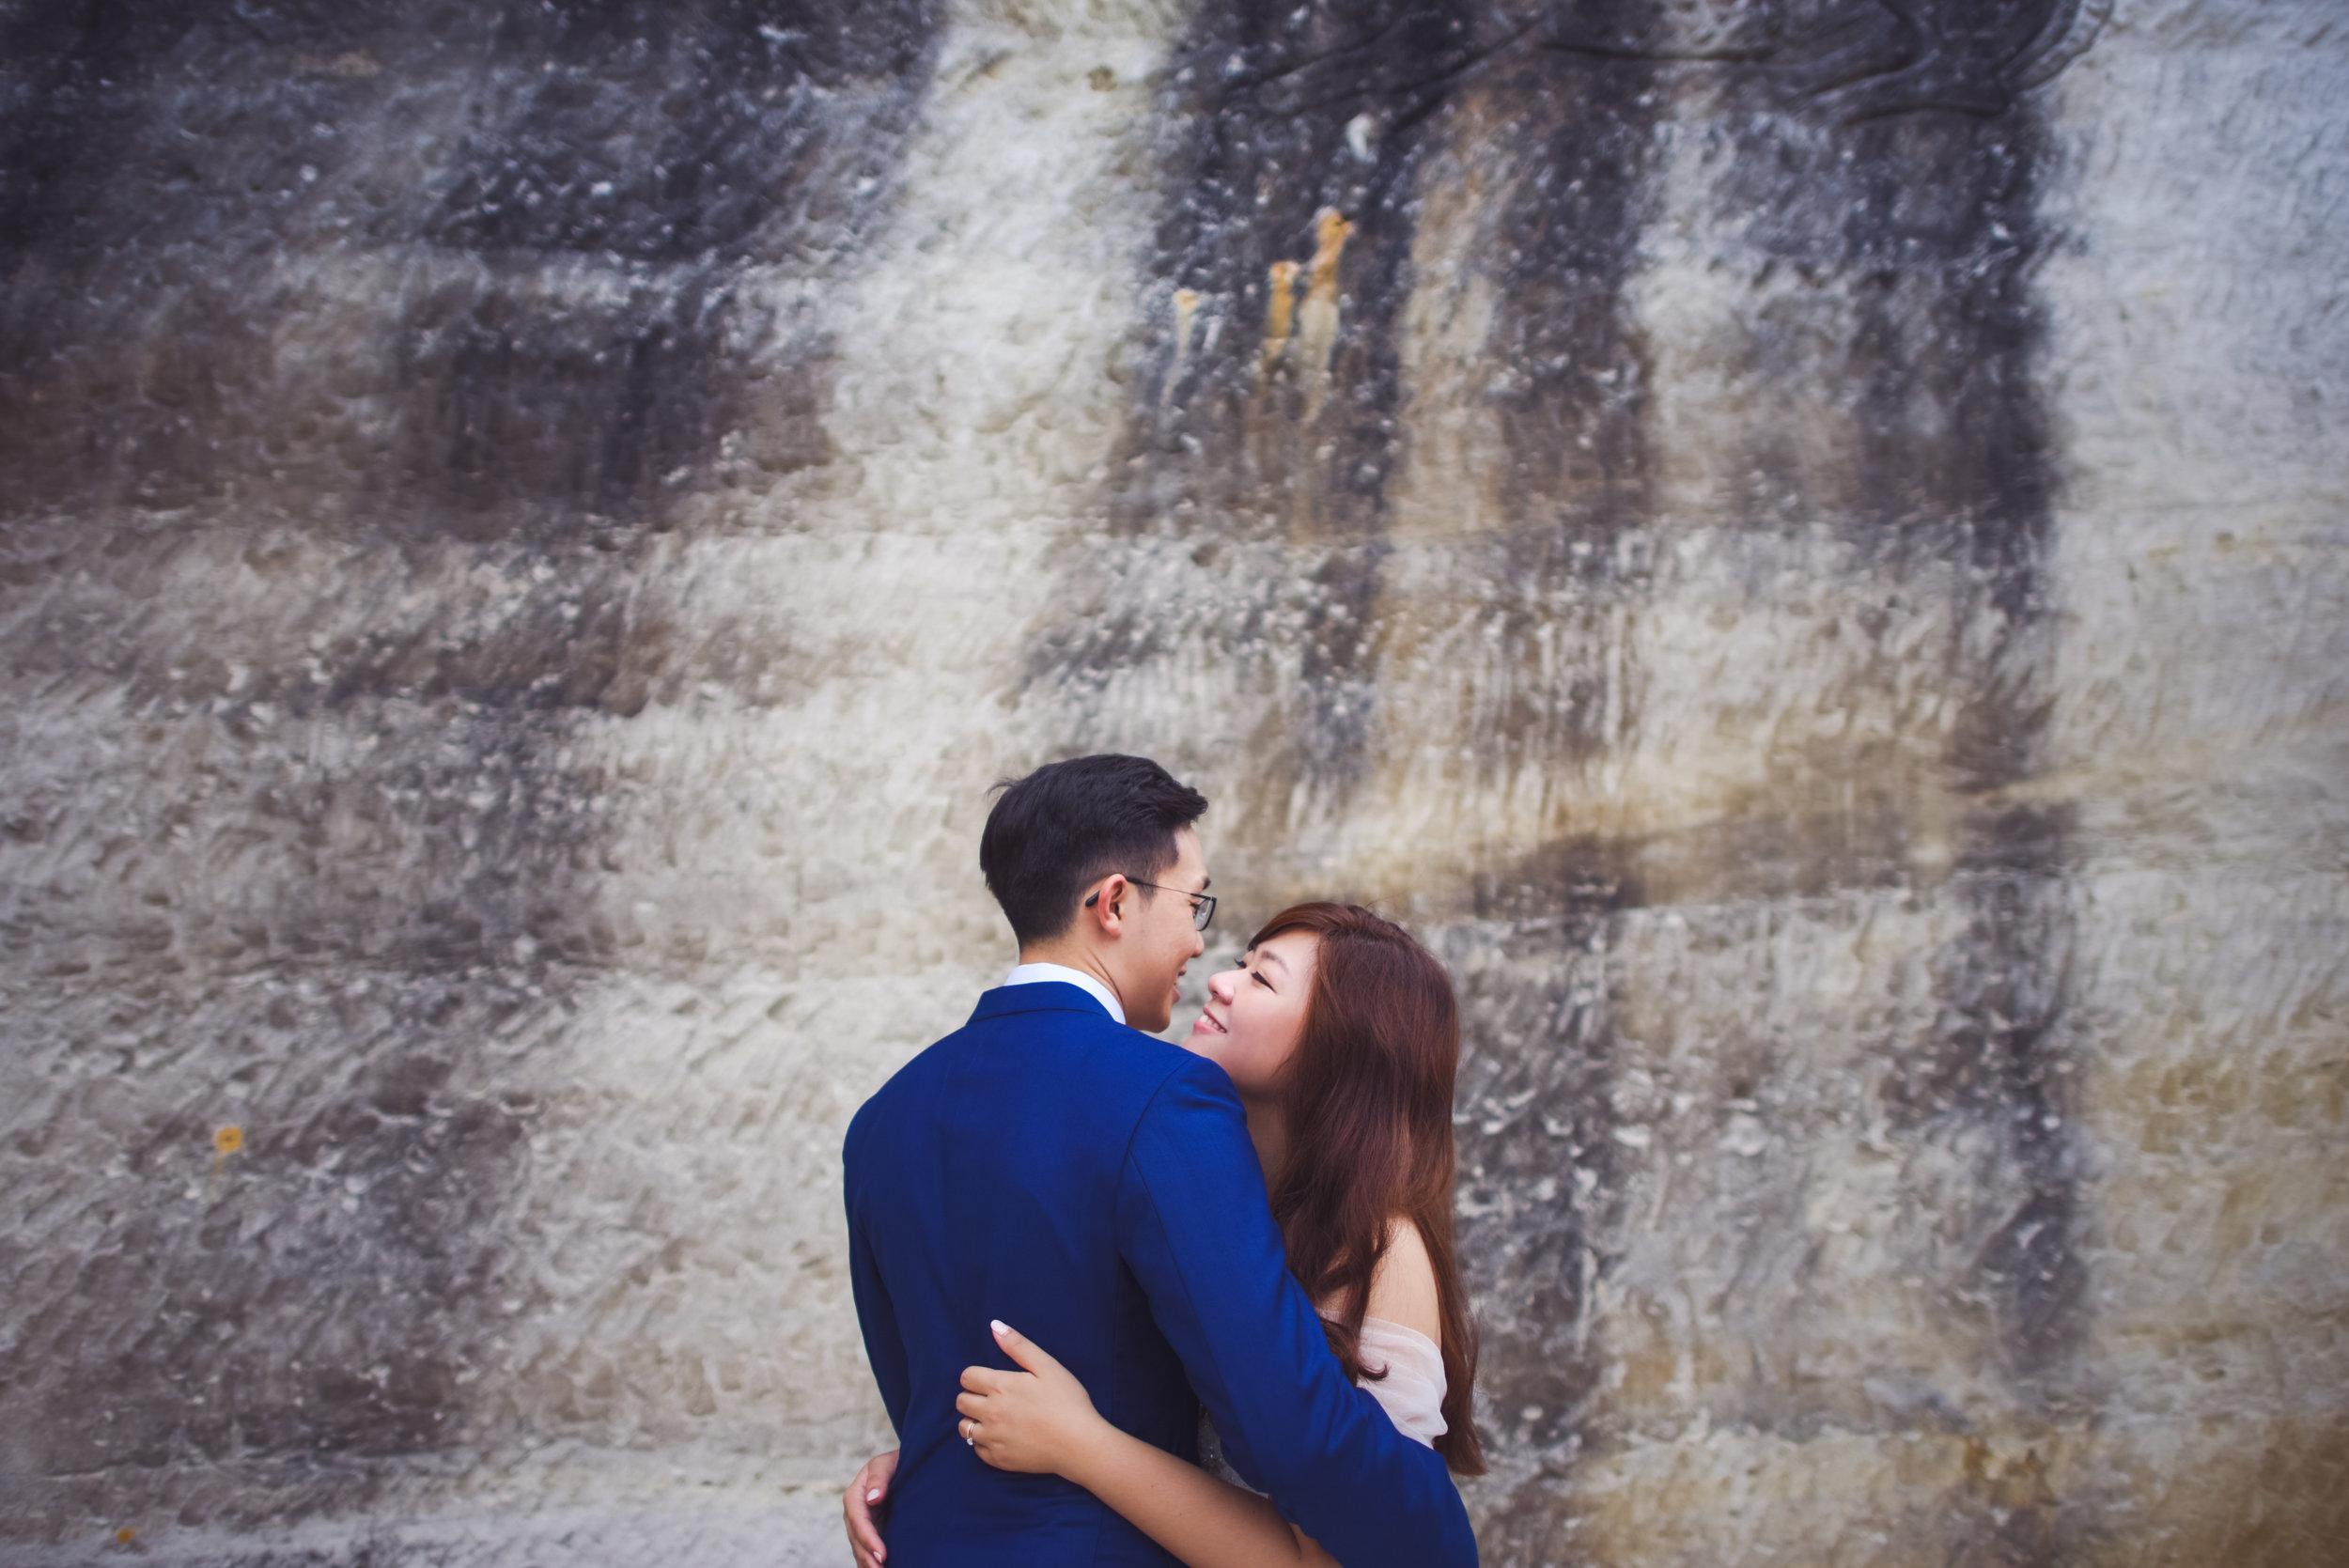 Christian dating sivustot Etelä-Afrikka